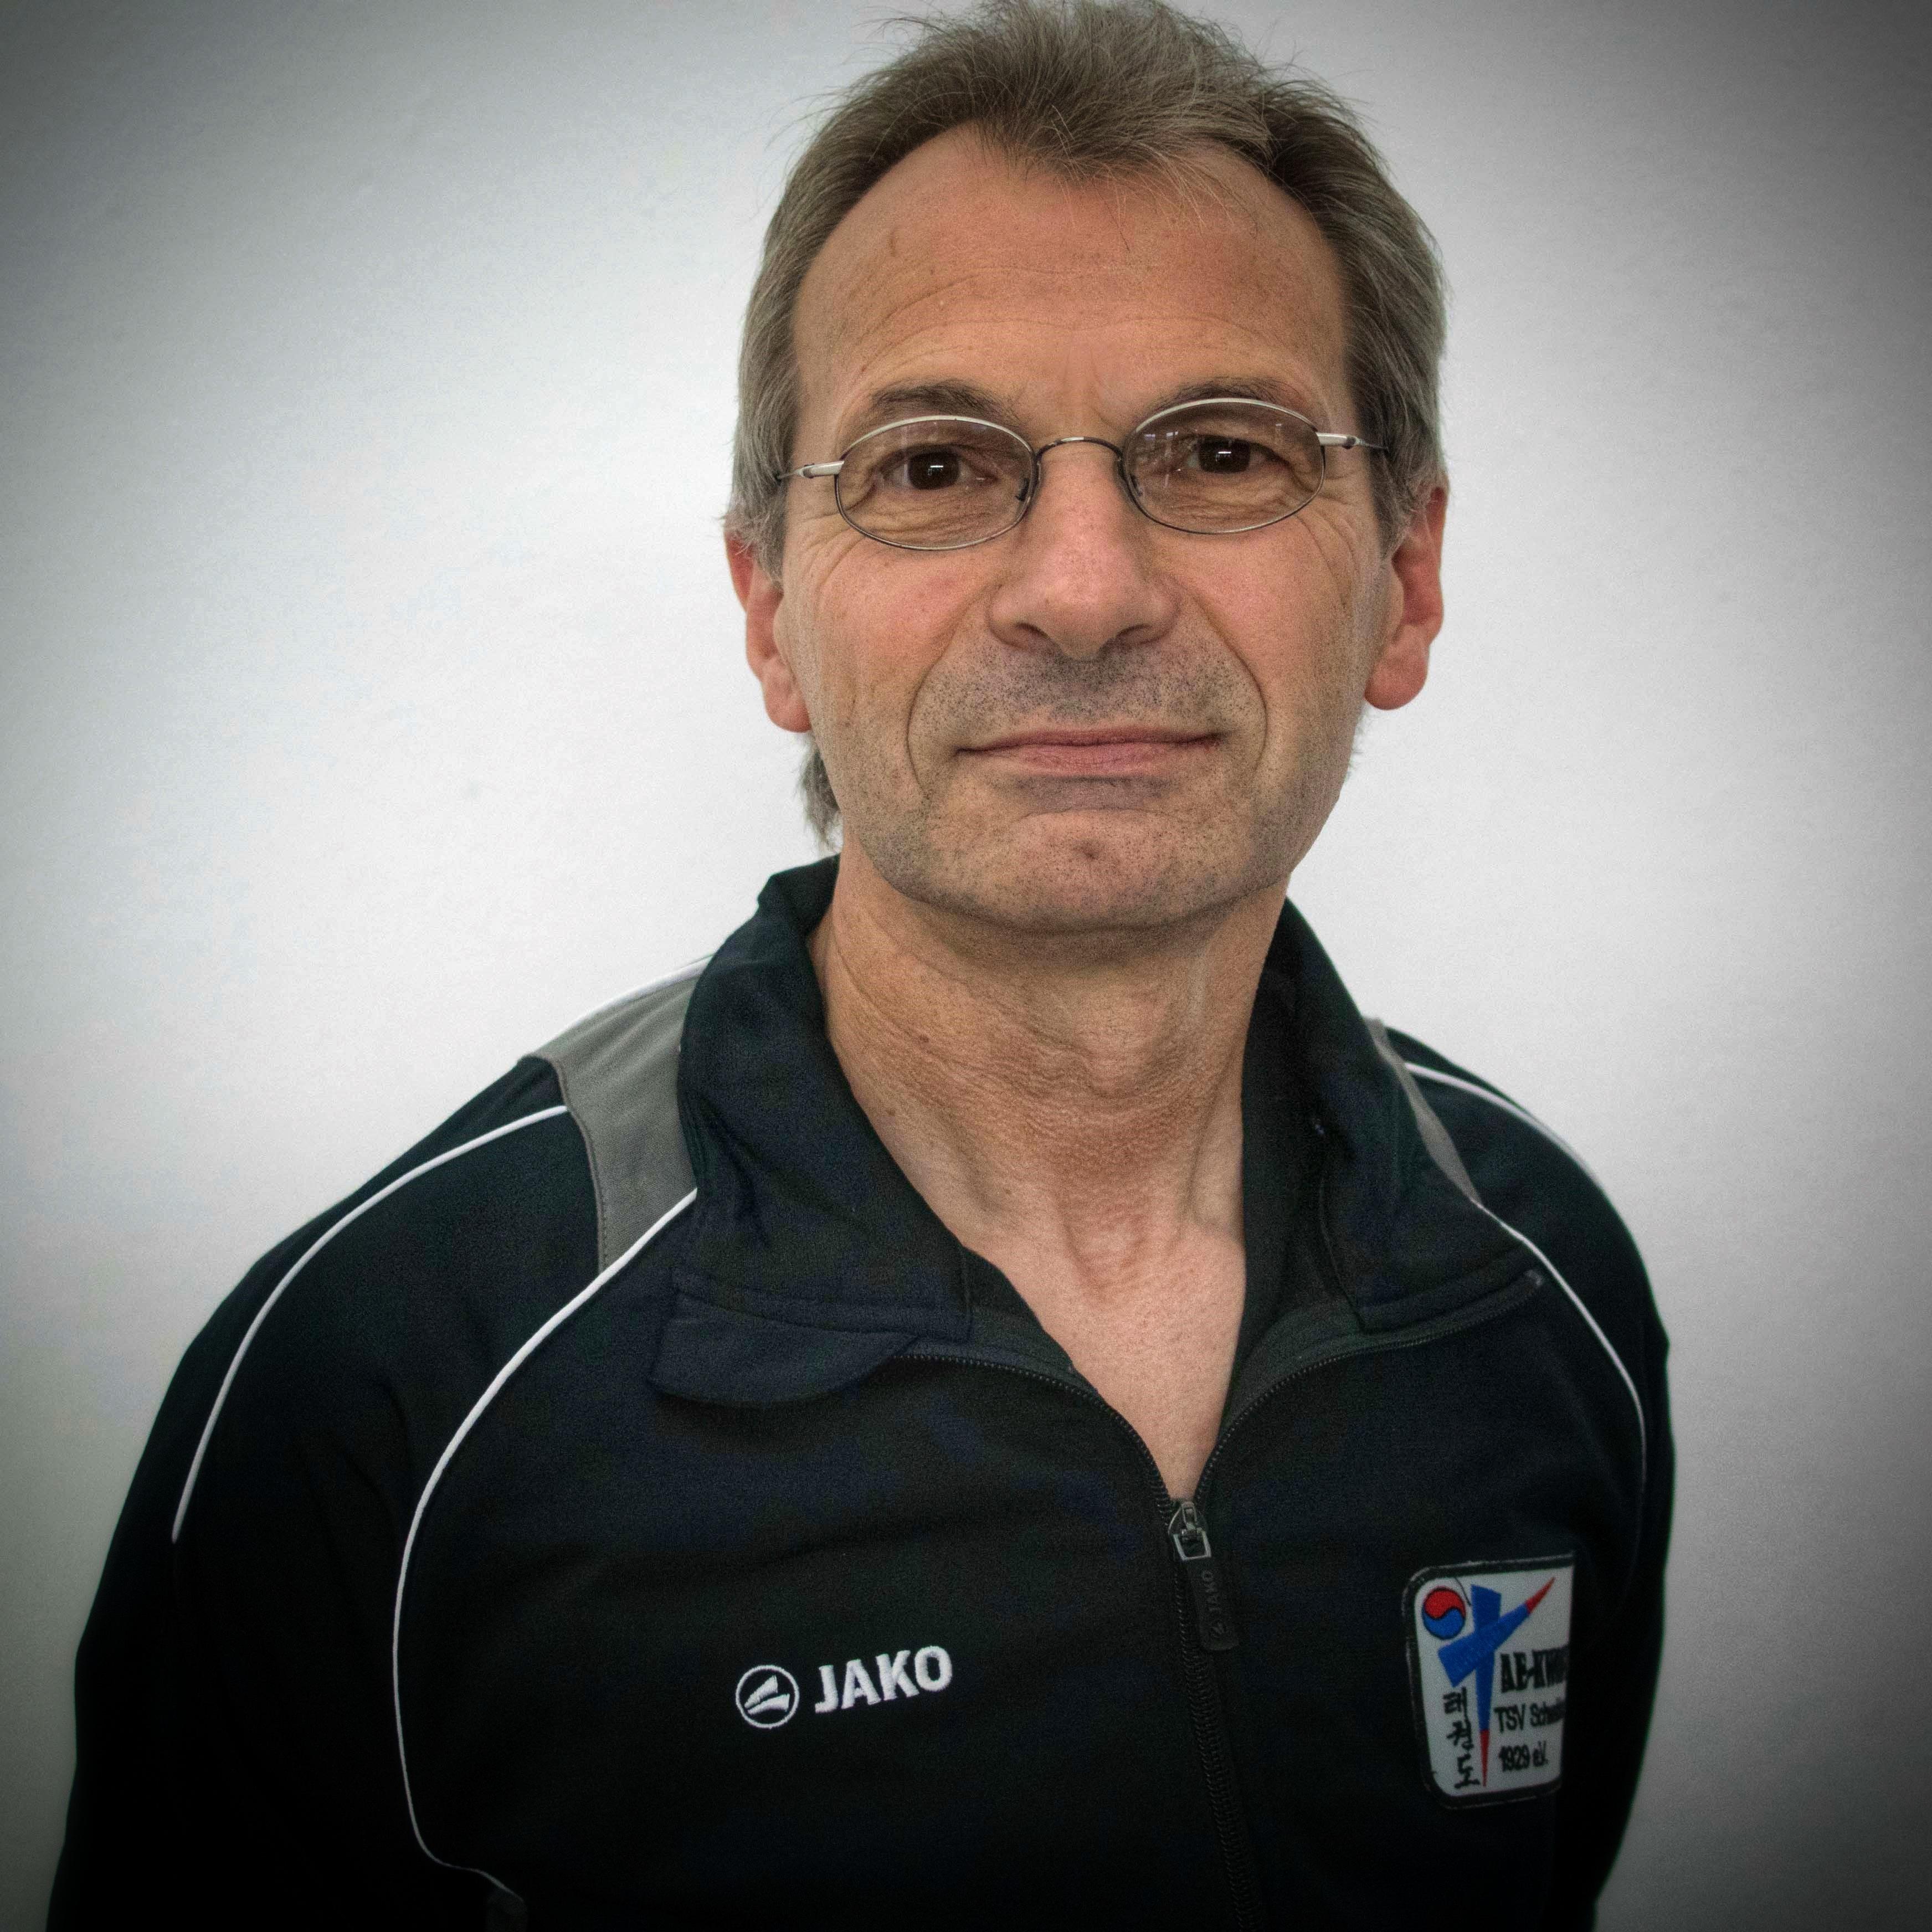 Paul Hillreiner